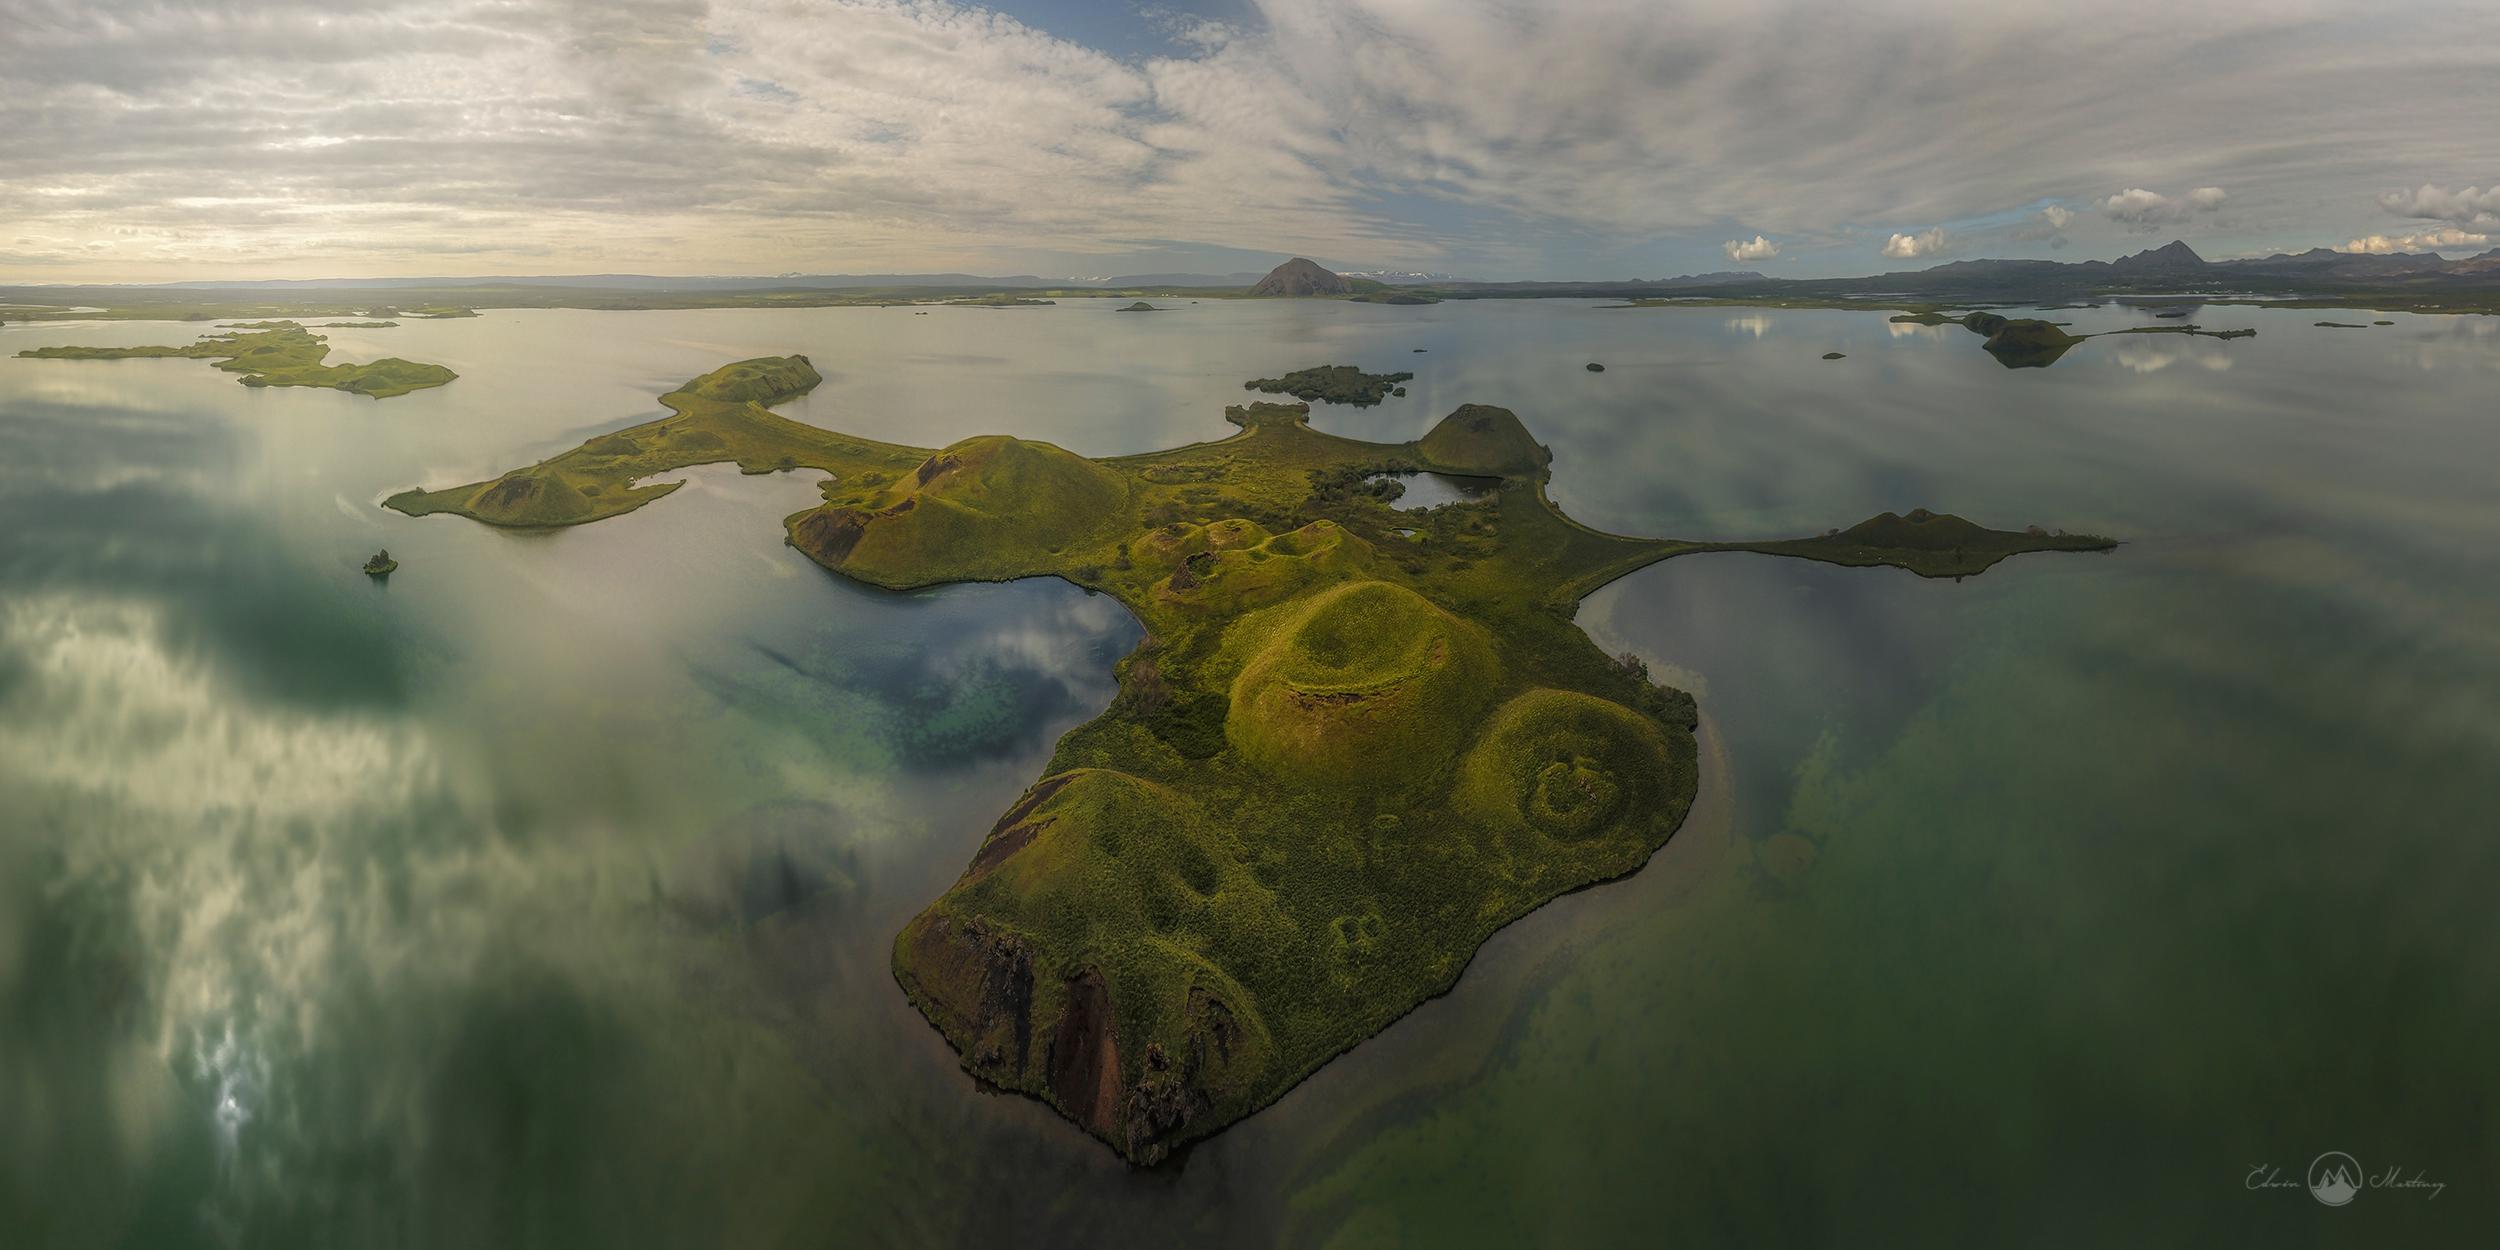 La regione più remota di tutta l'Islanda è quella degli altopiani.